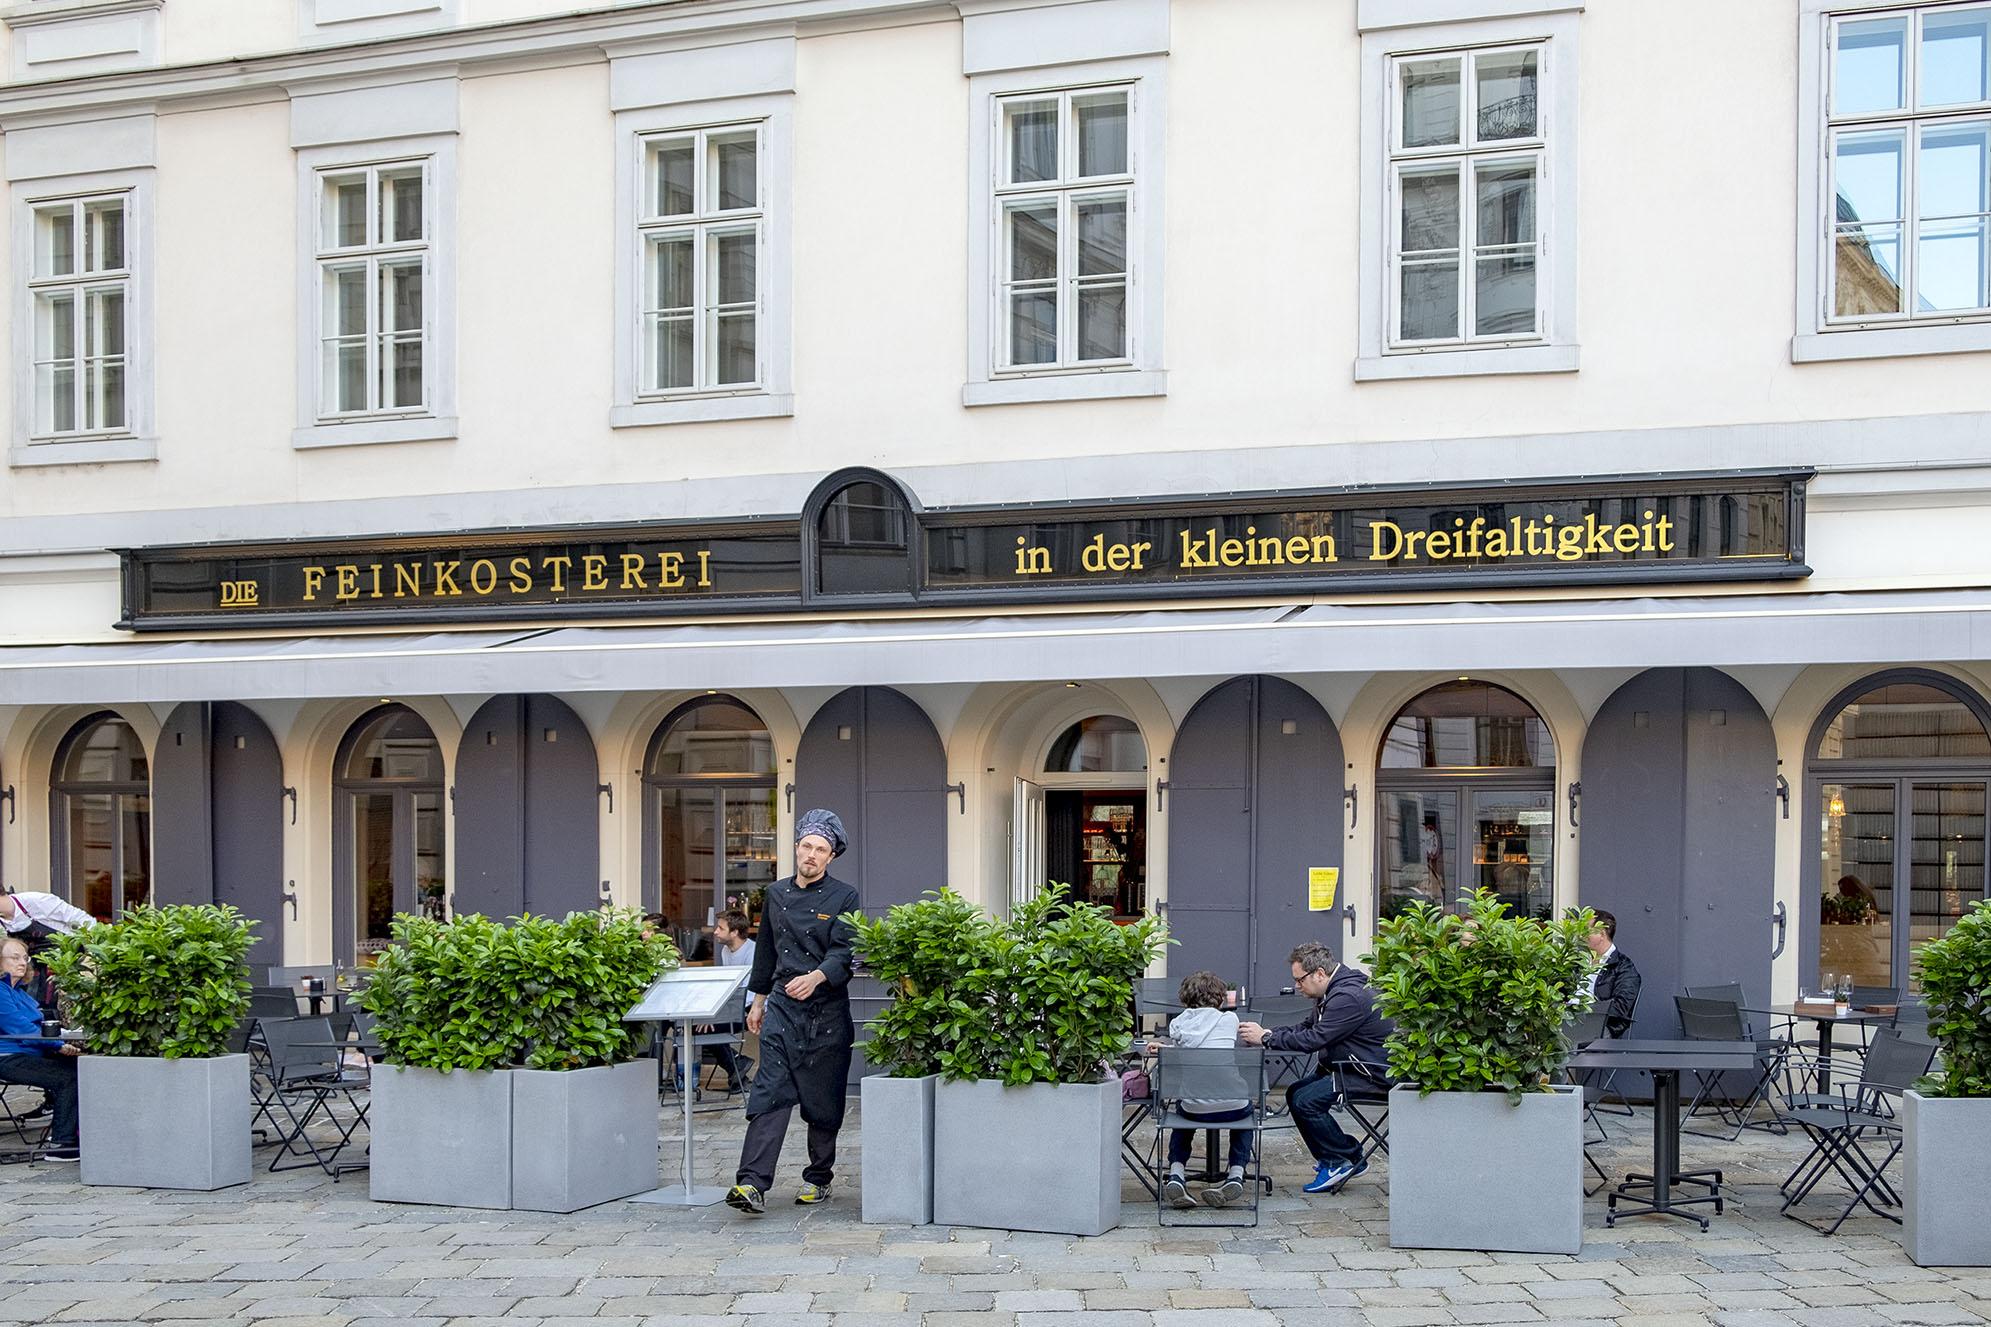 Restaurangen Die Feinkosterei Wien